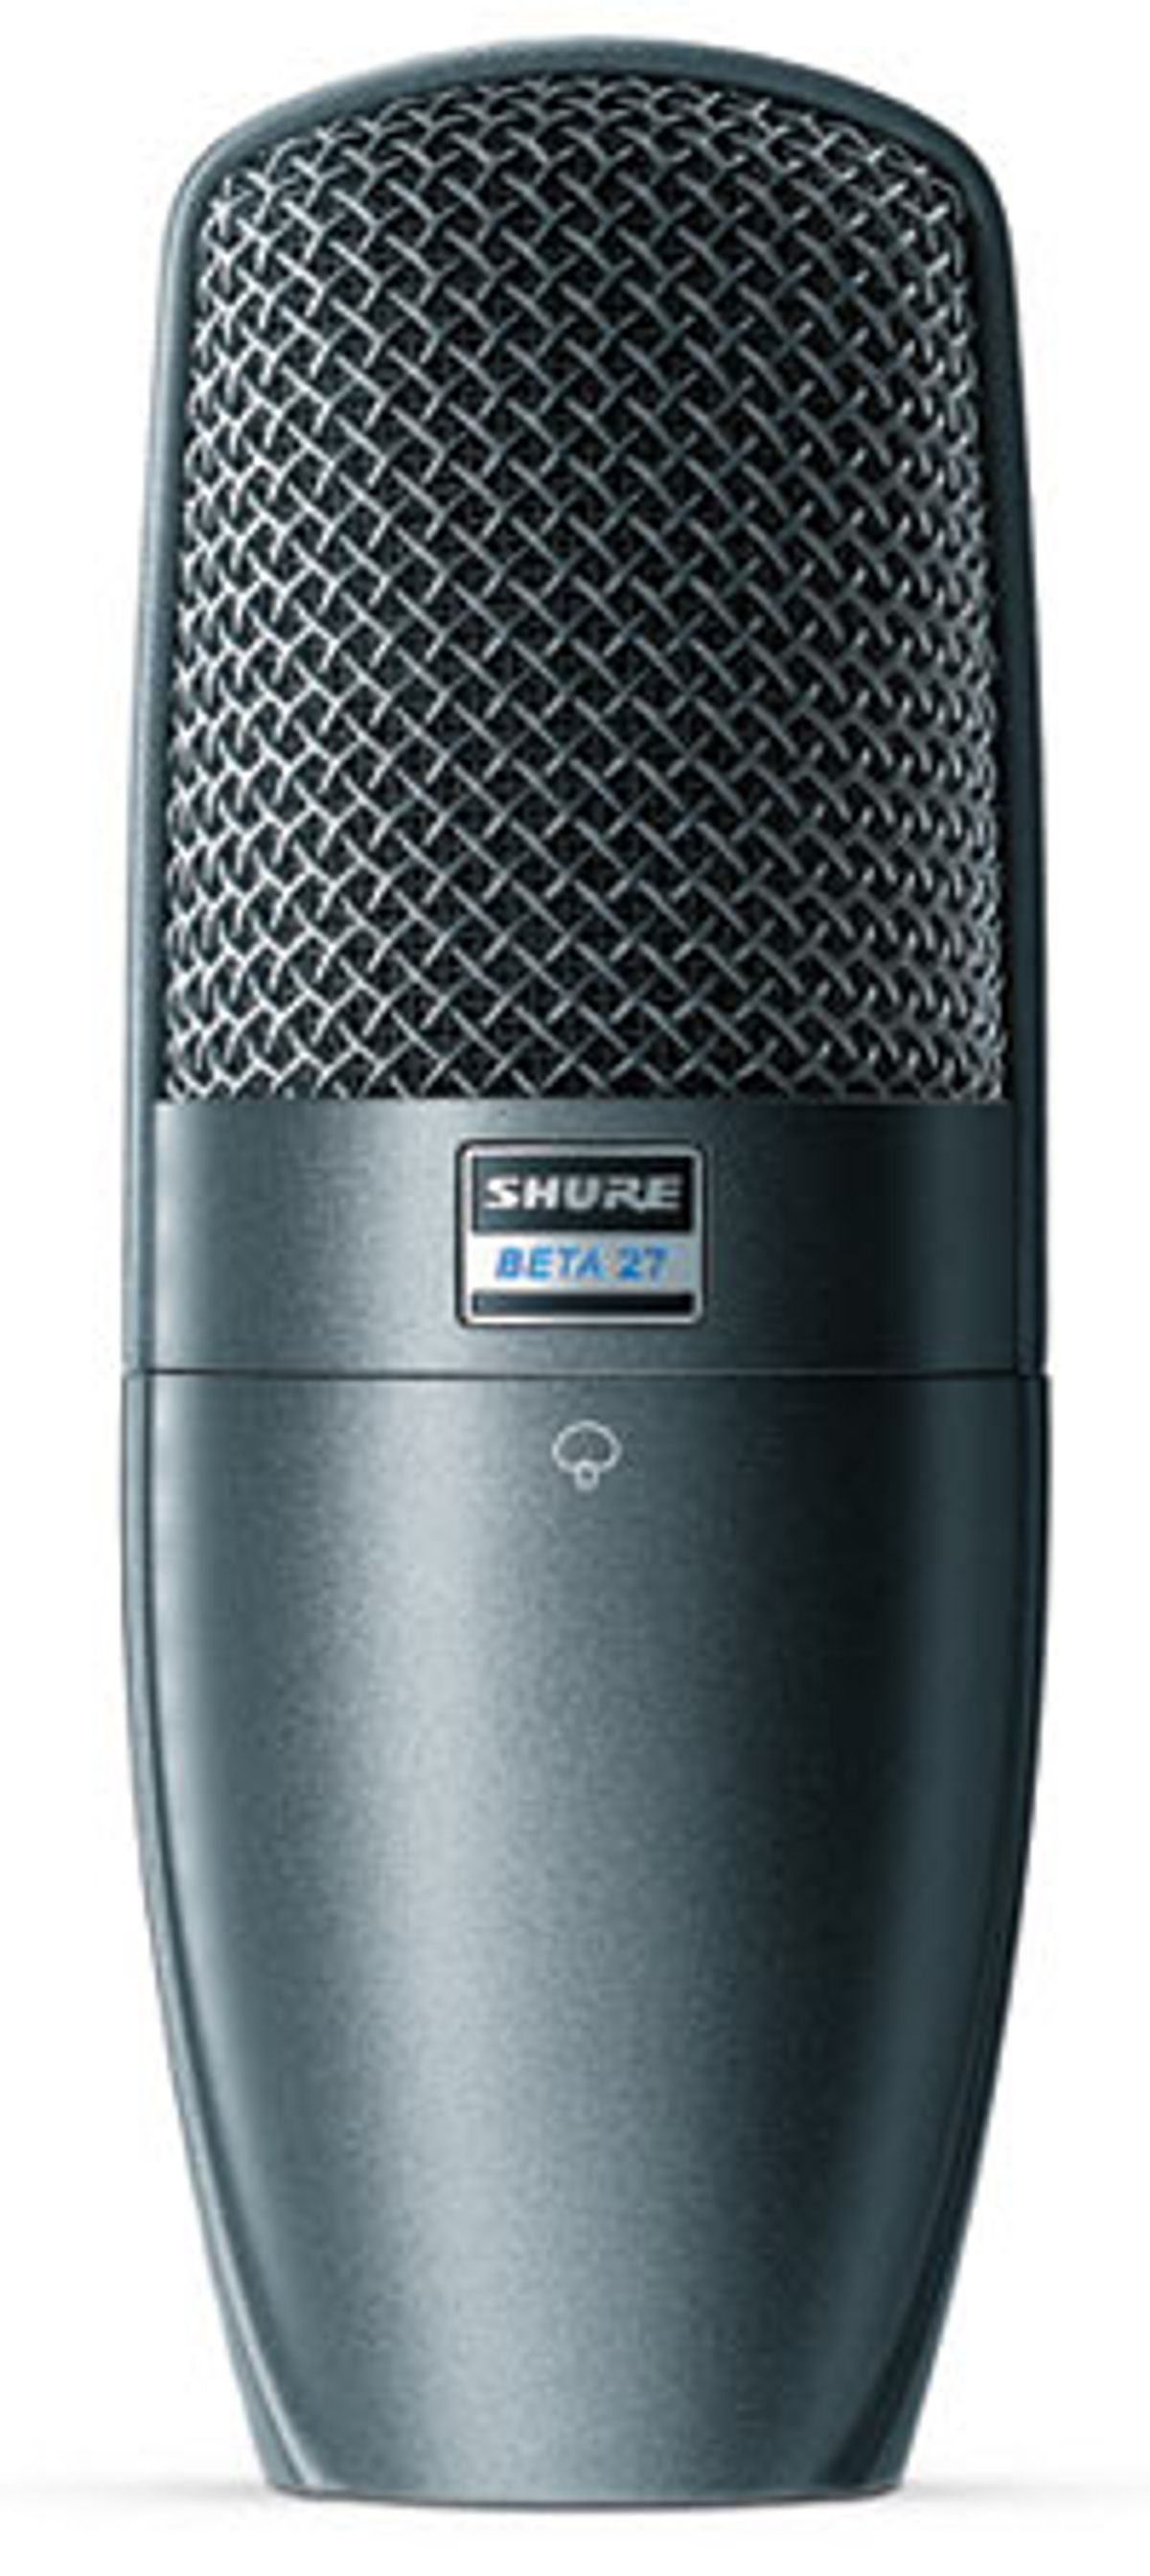 Shure Unveils Beta 27 Side-Address Condenser Microphone